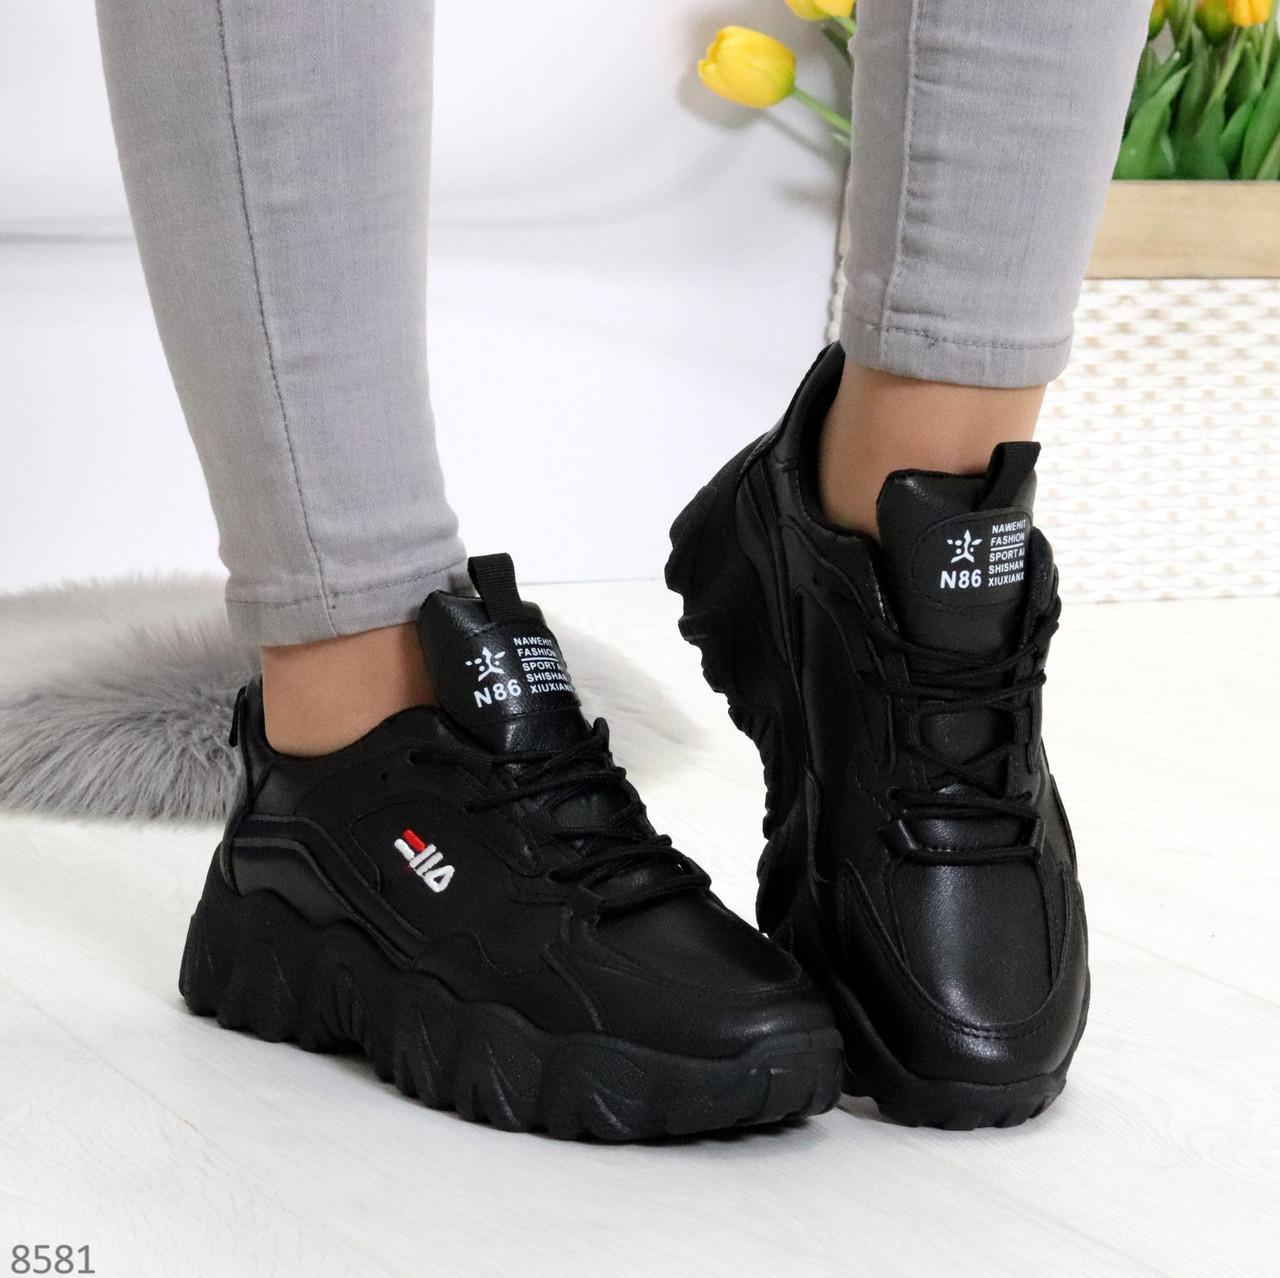 Стильные универсальные черные повседневные женские кроссовки 2021